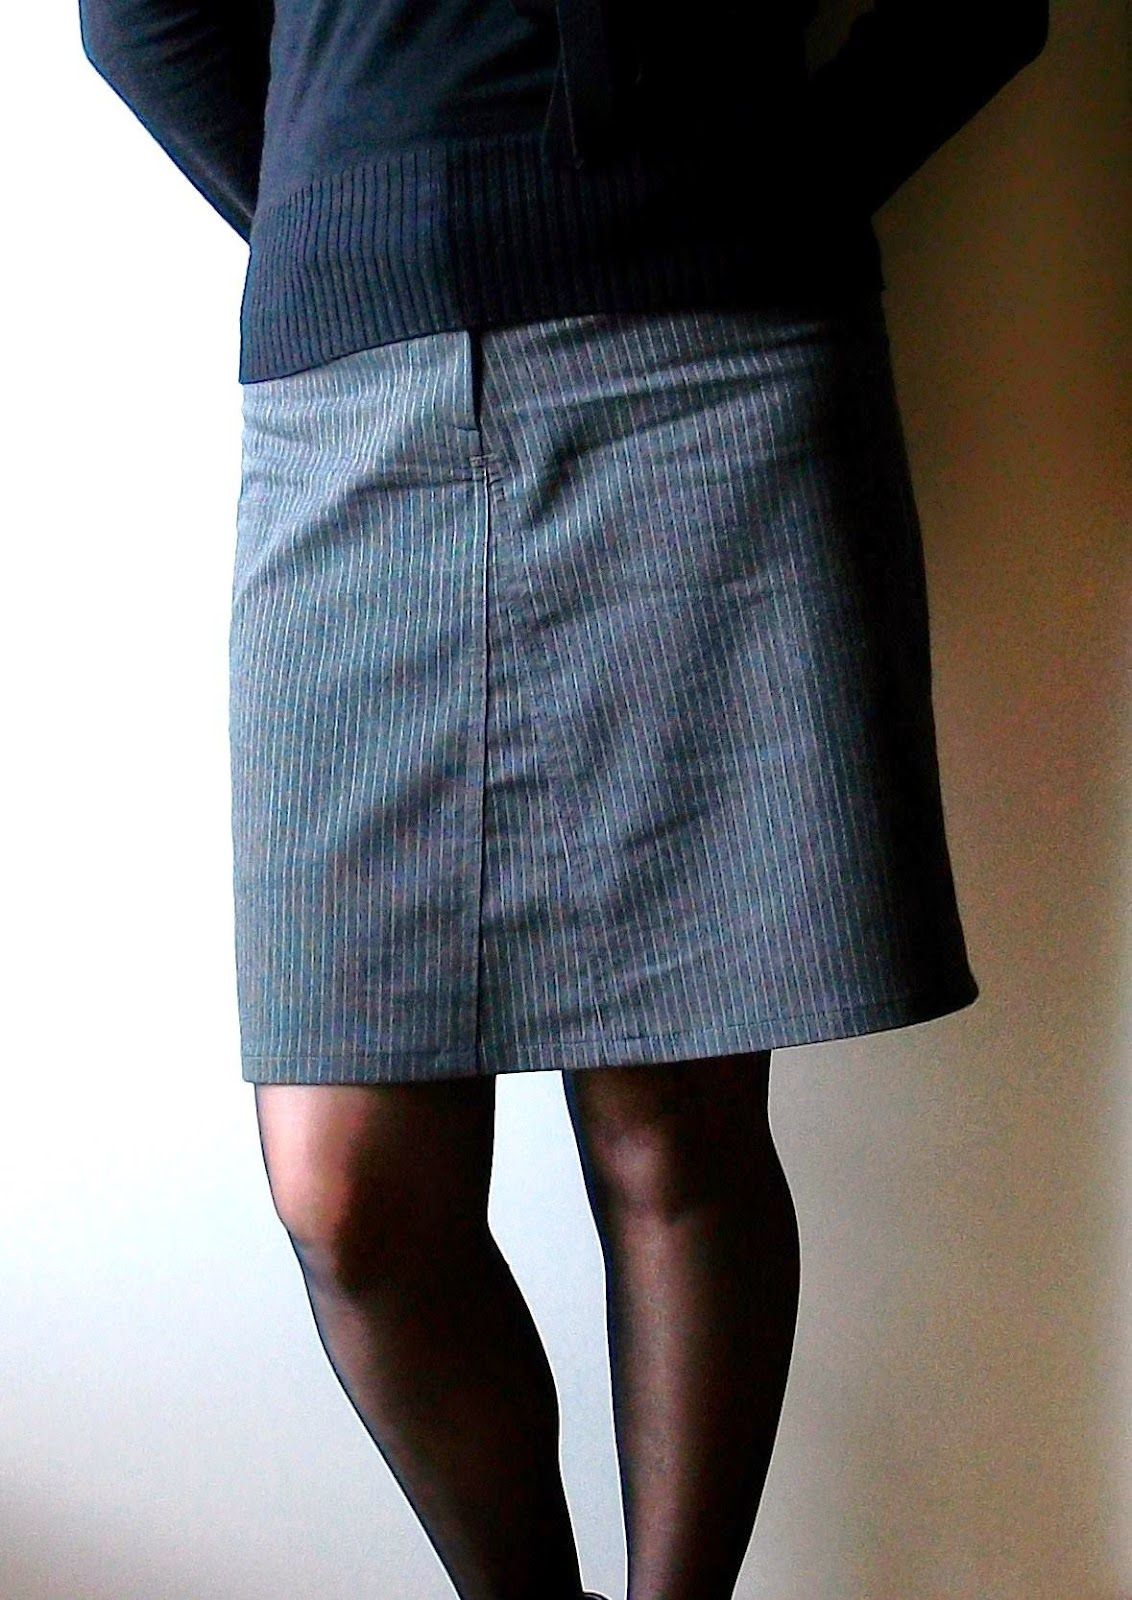 pantalon transform en jupe autour de la couture et du tissu pinterest couture jupe et. Black Bedroom Furniture Sets. Home Design Ideas